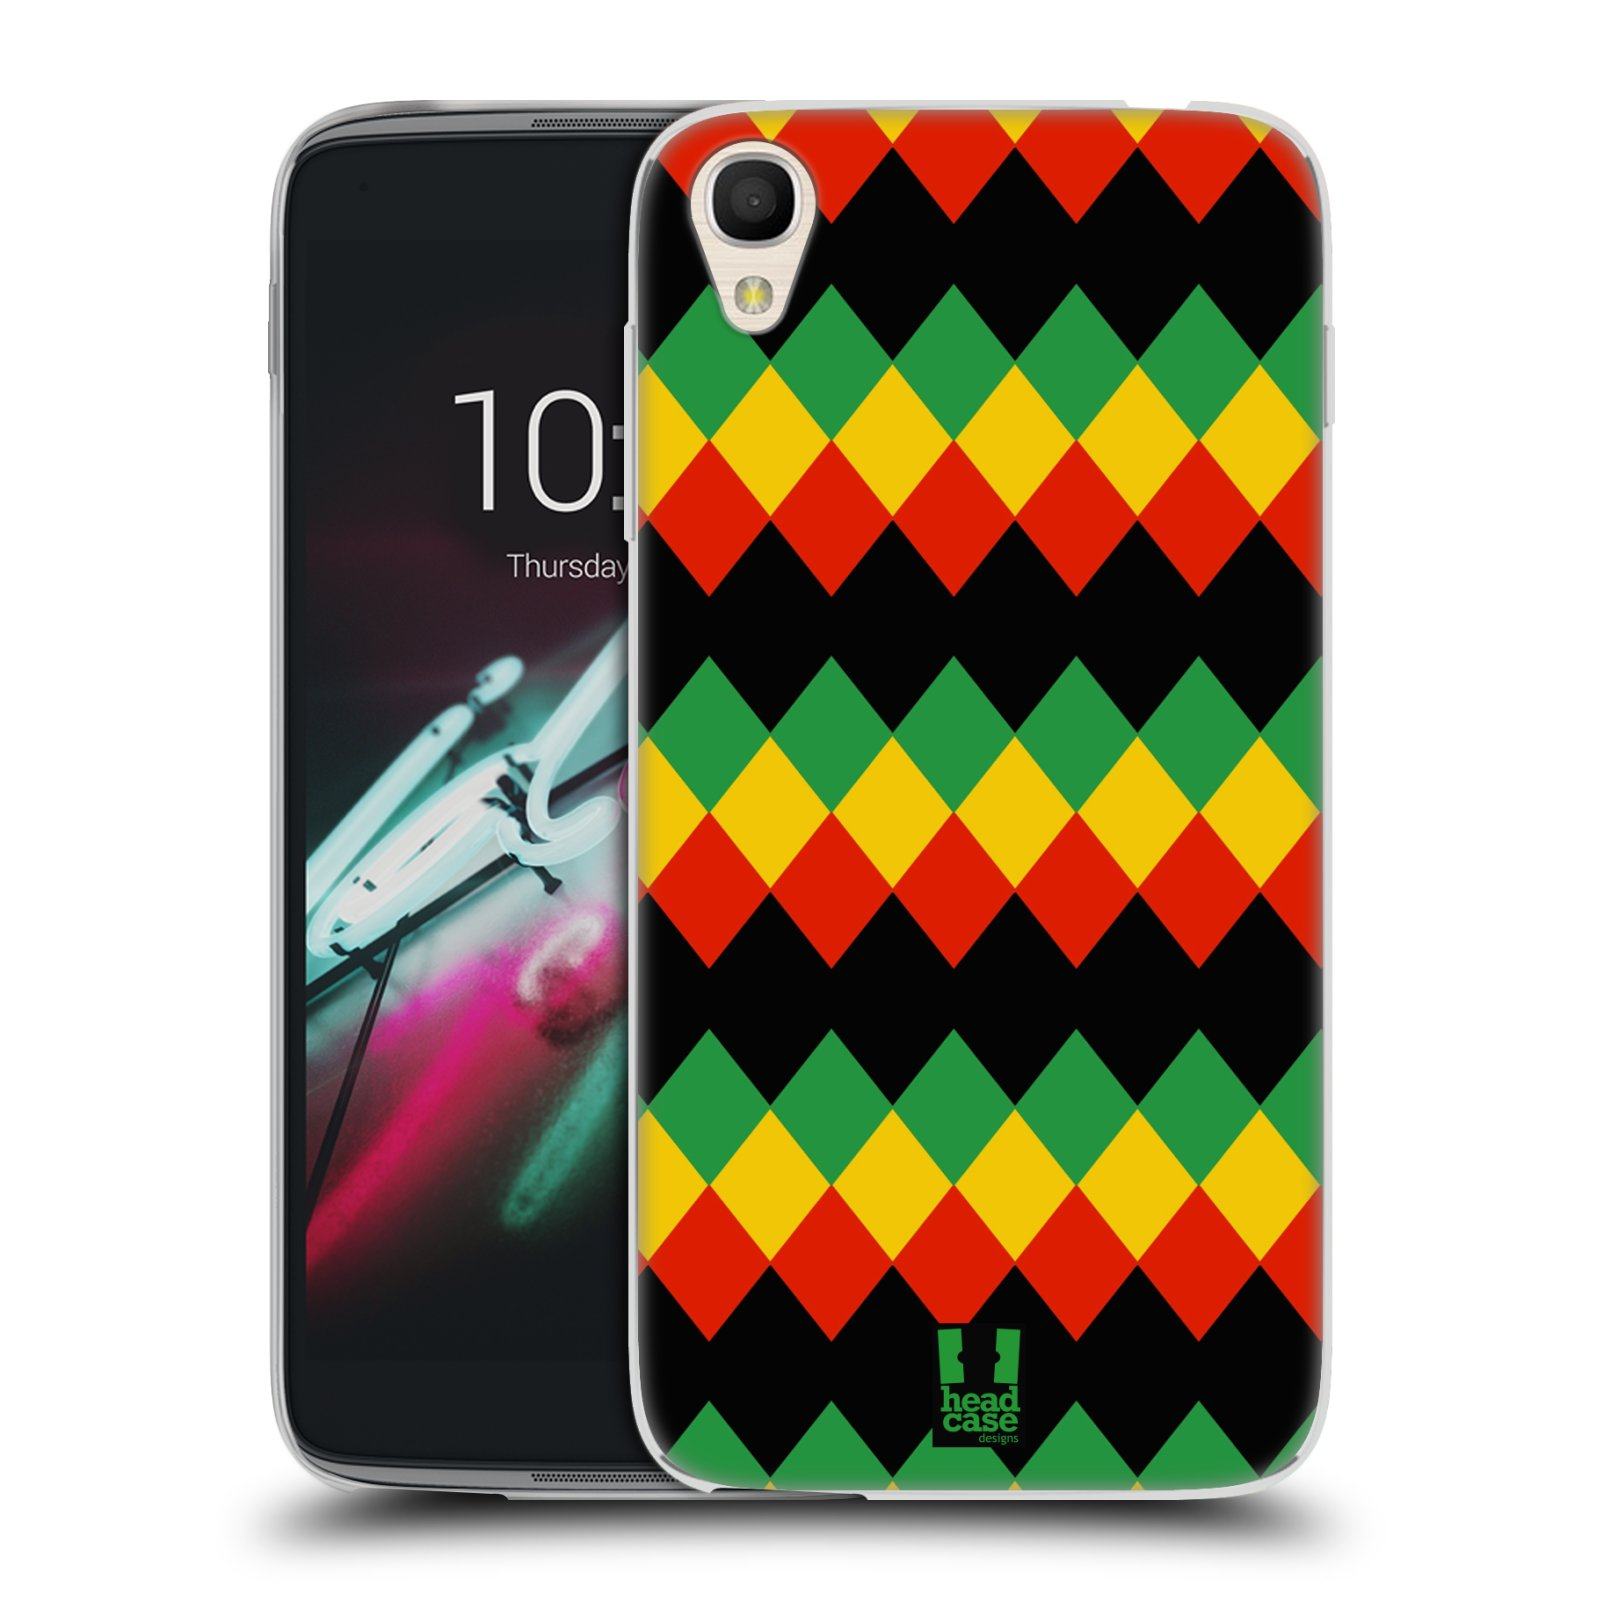 HEAD CASE silikonový obal na mobil Alcatel Idol 3 OT-6039Y (4.7) vzor Rasta barevné vzory DIAMANT